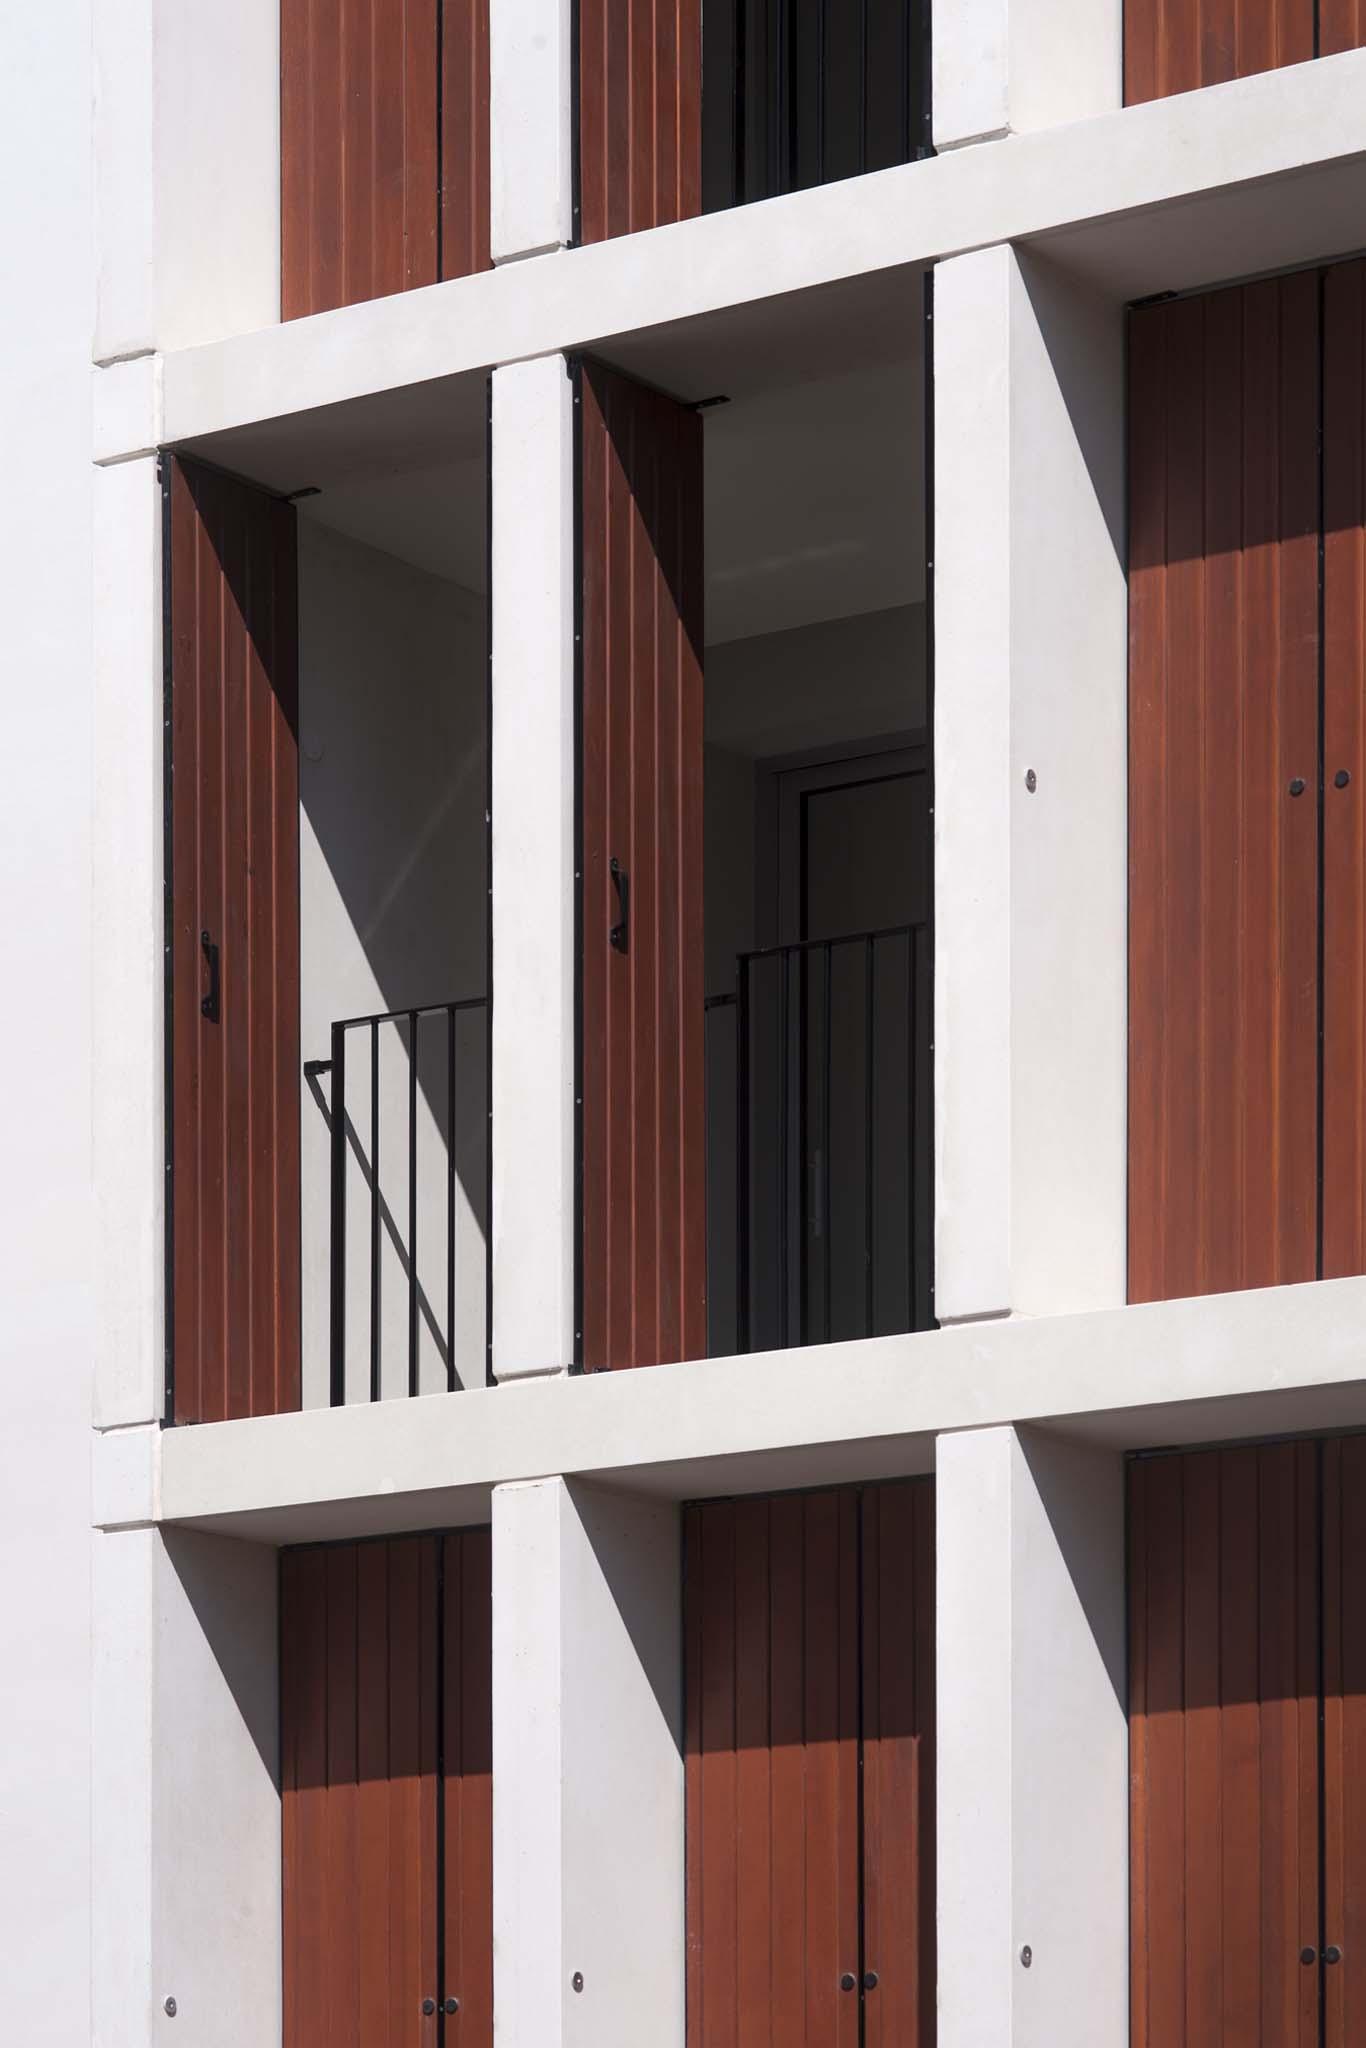 56 logements collectifs leibar seigneurin architecture for Bordeaux logement